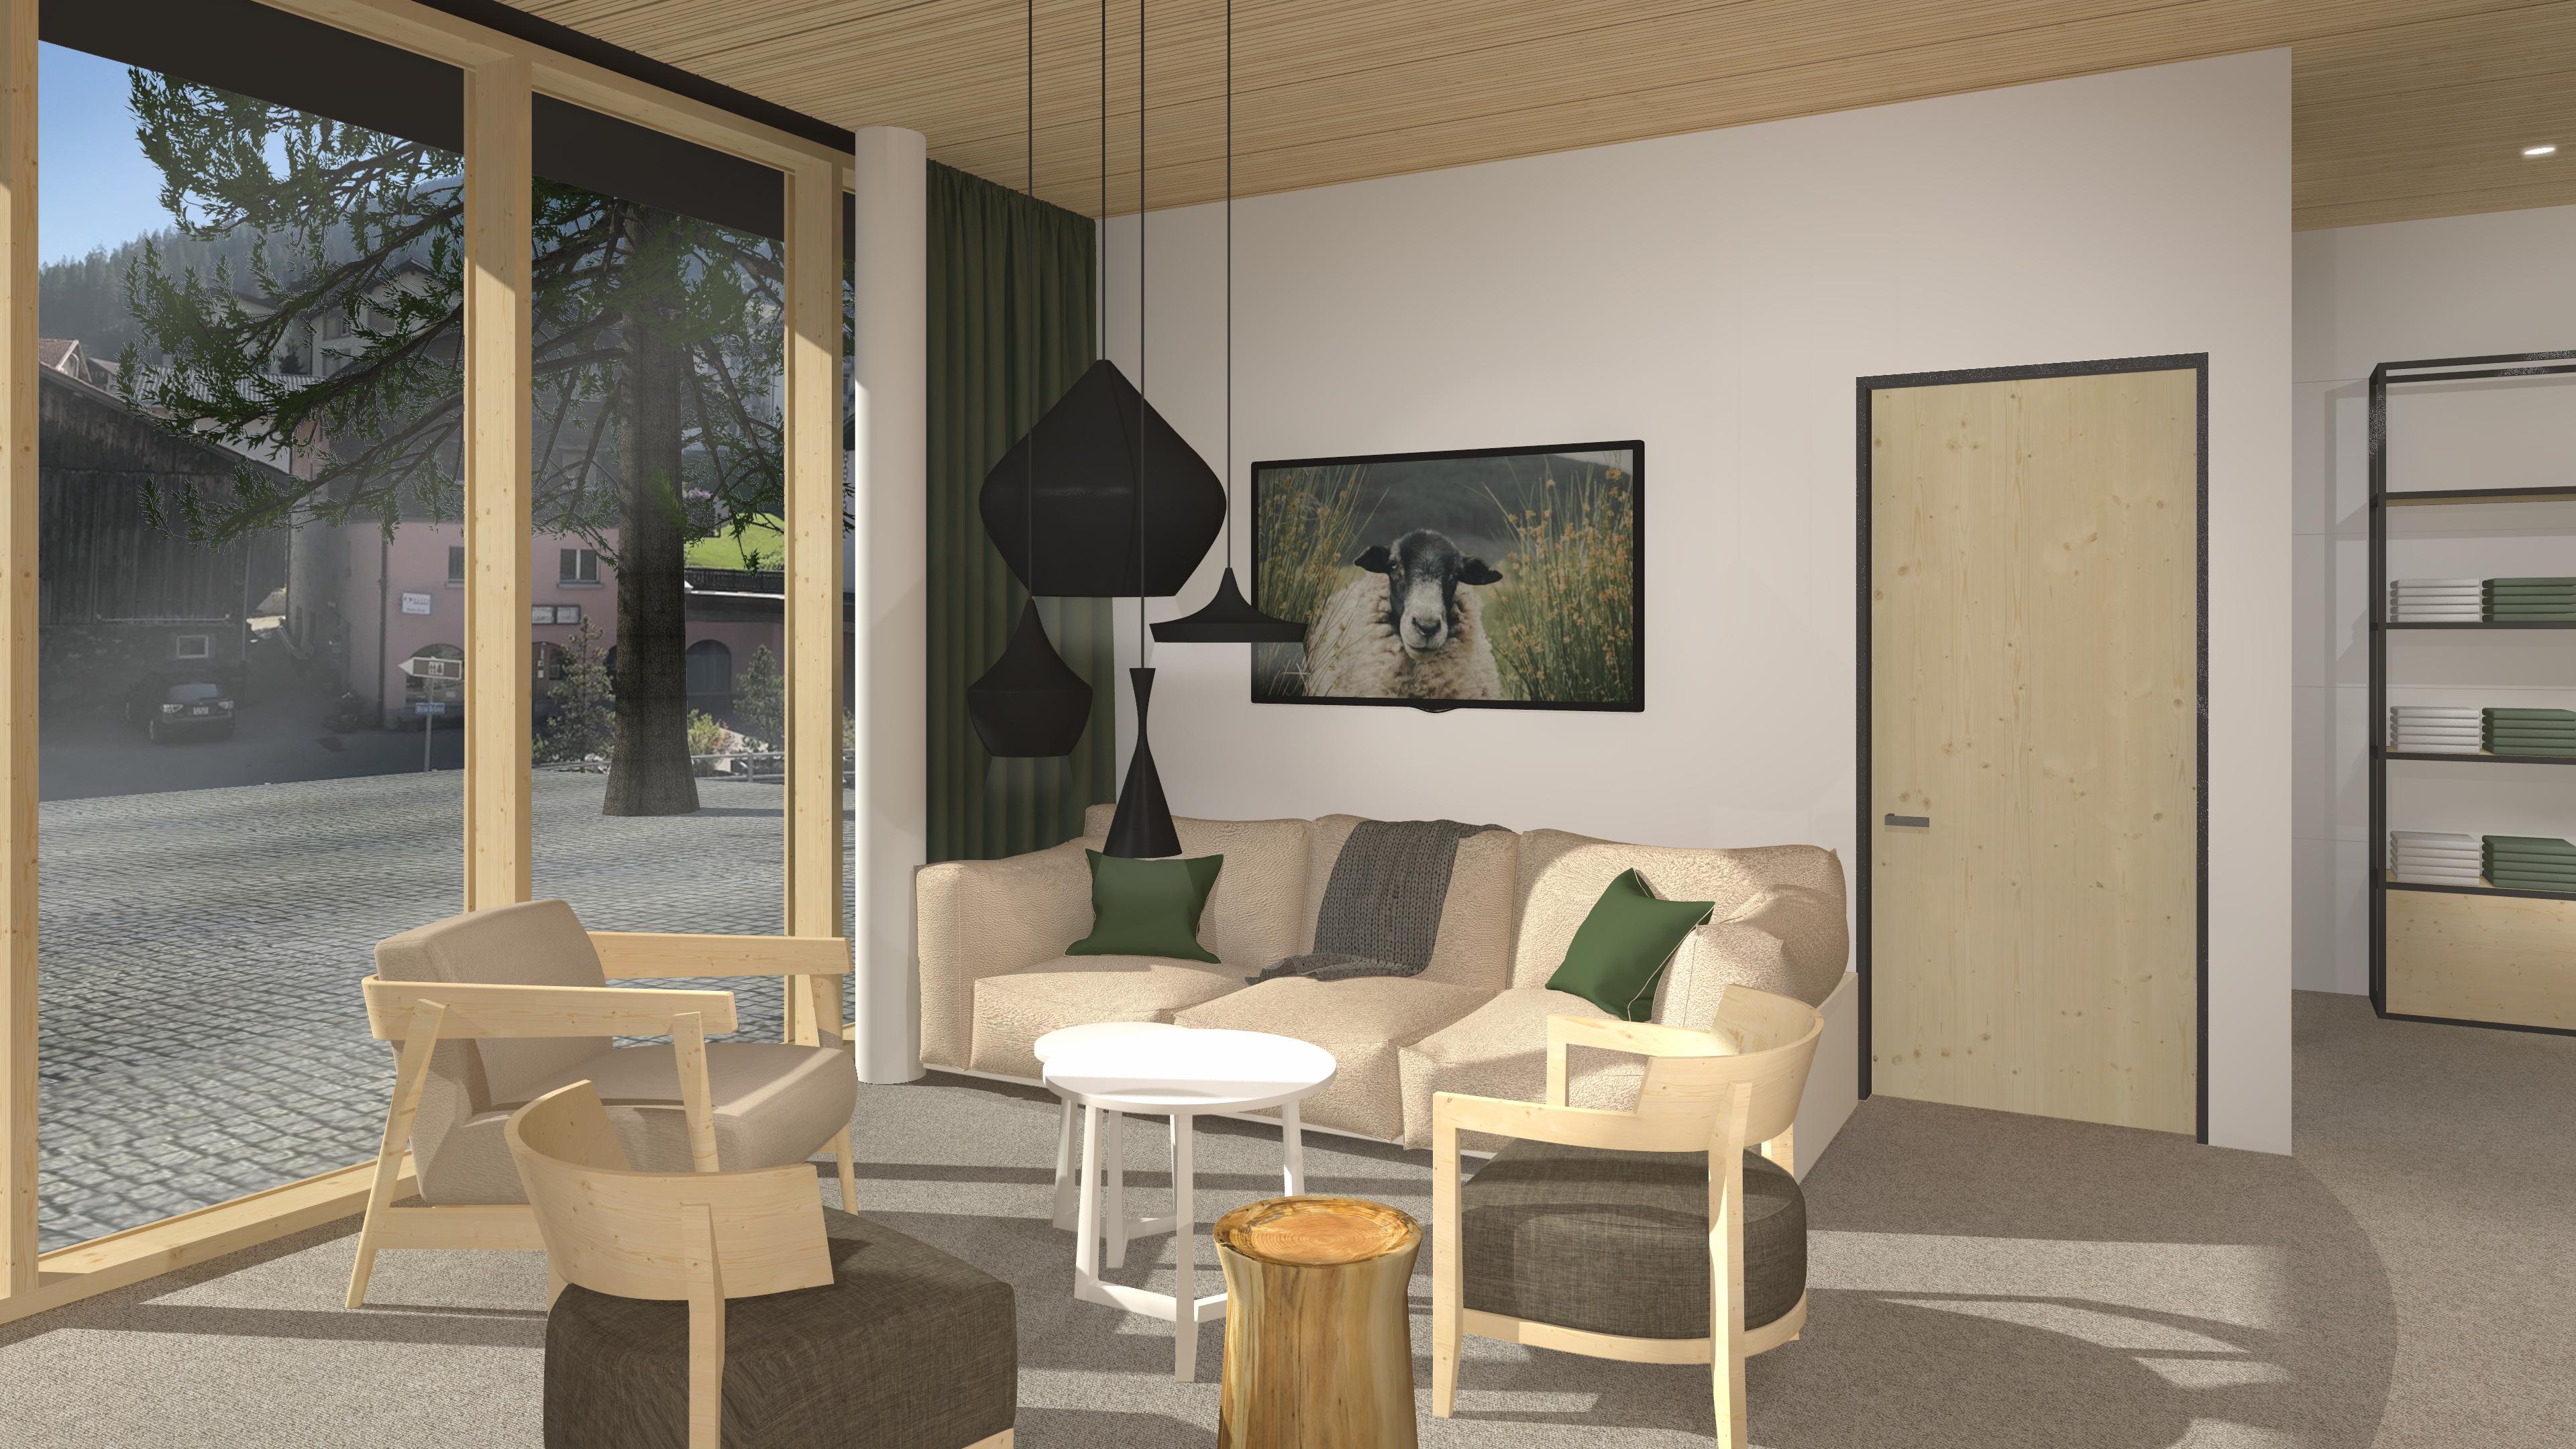 JUFA Savognin Tisch Couch Lobby